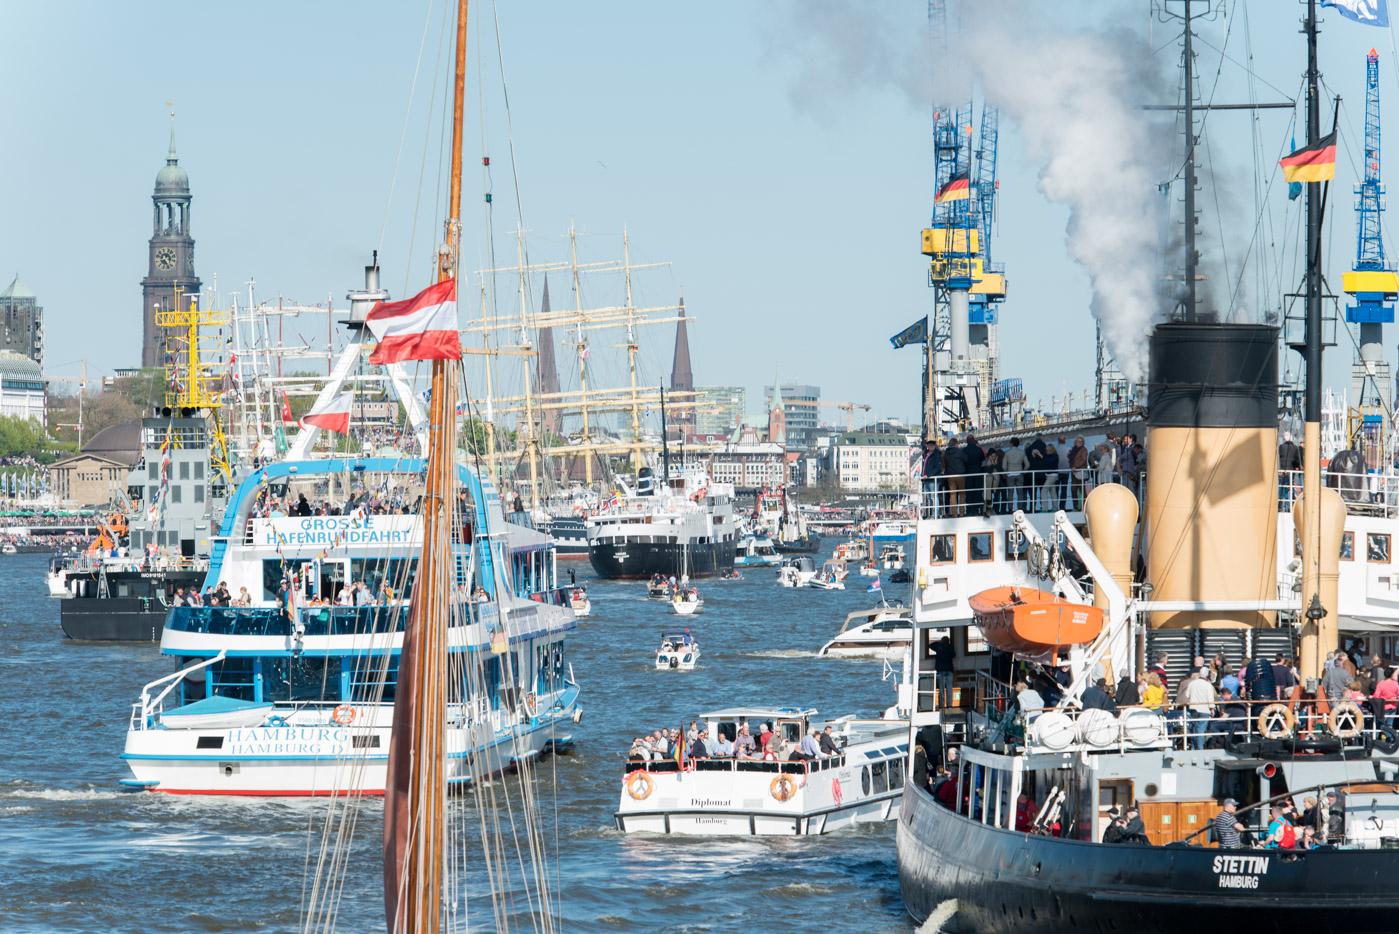 Foto ID 160507012 Einlaufparade Hafengeburtstag